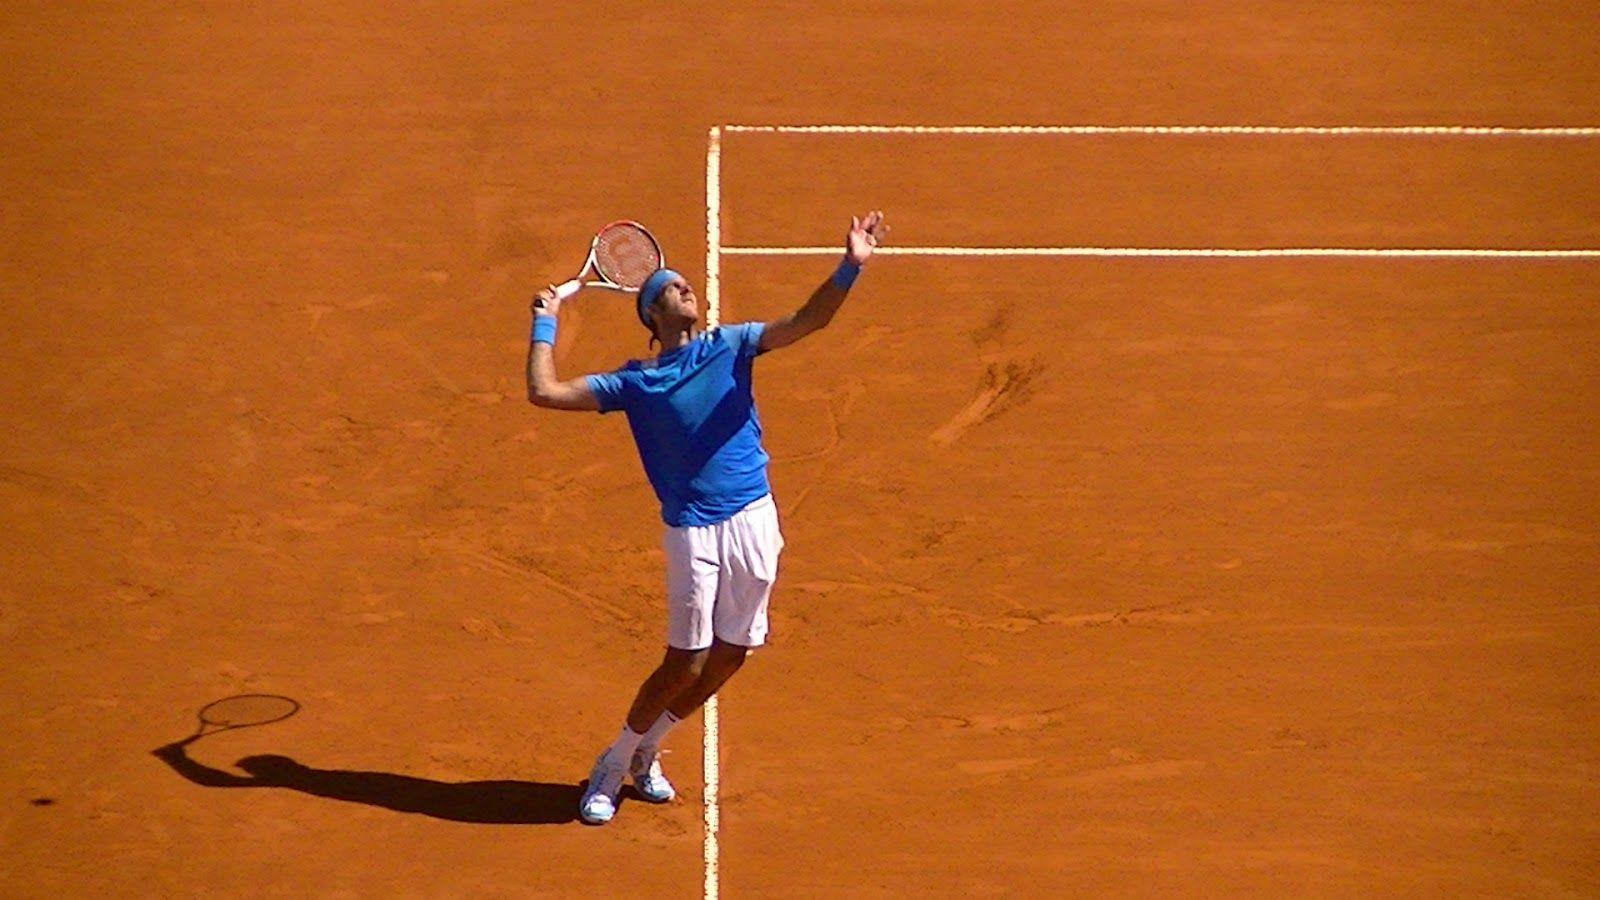 El Saque en el Tenis